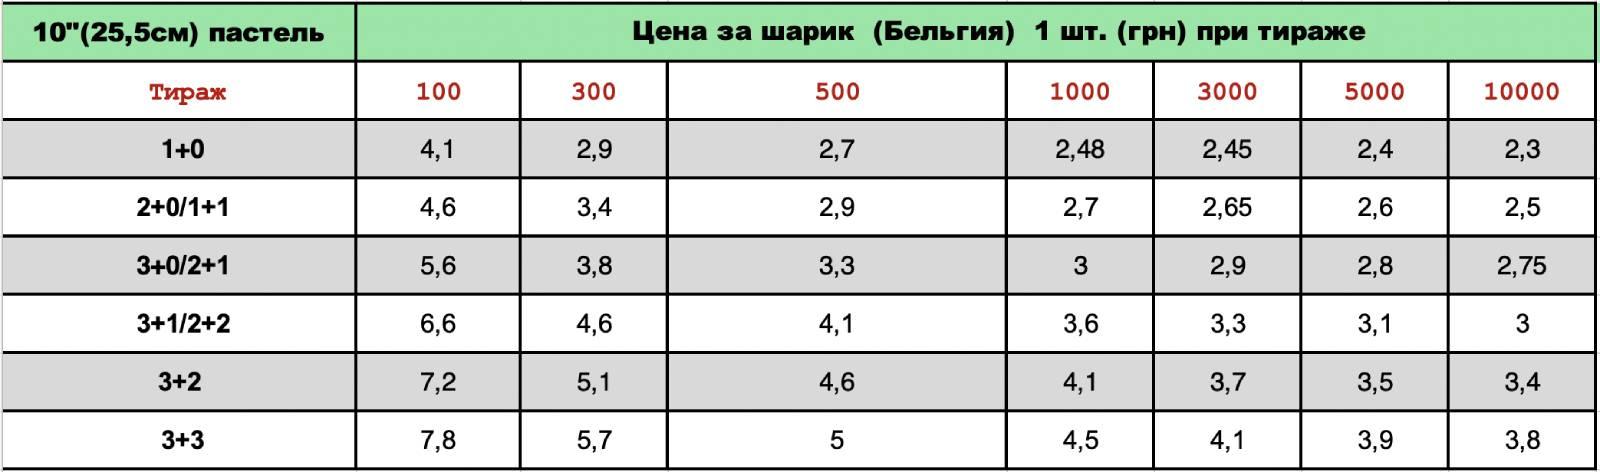 Печать на шарах BelBal 10.5 пастель цена